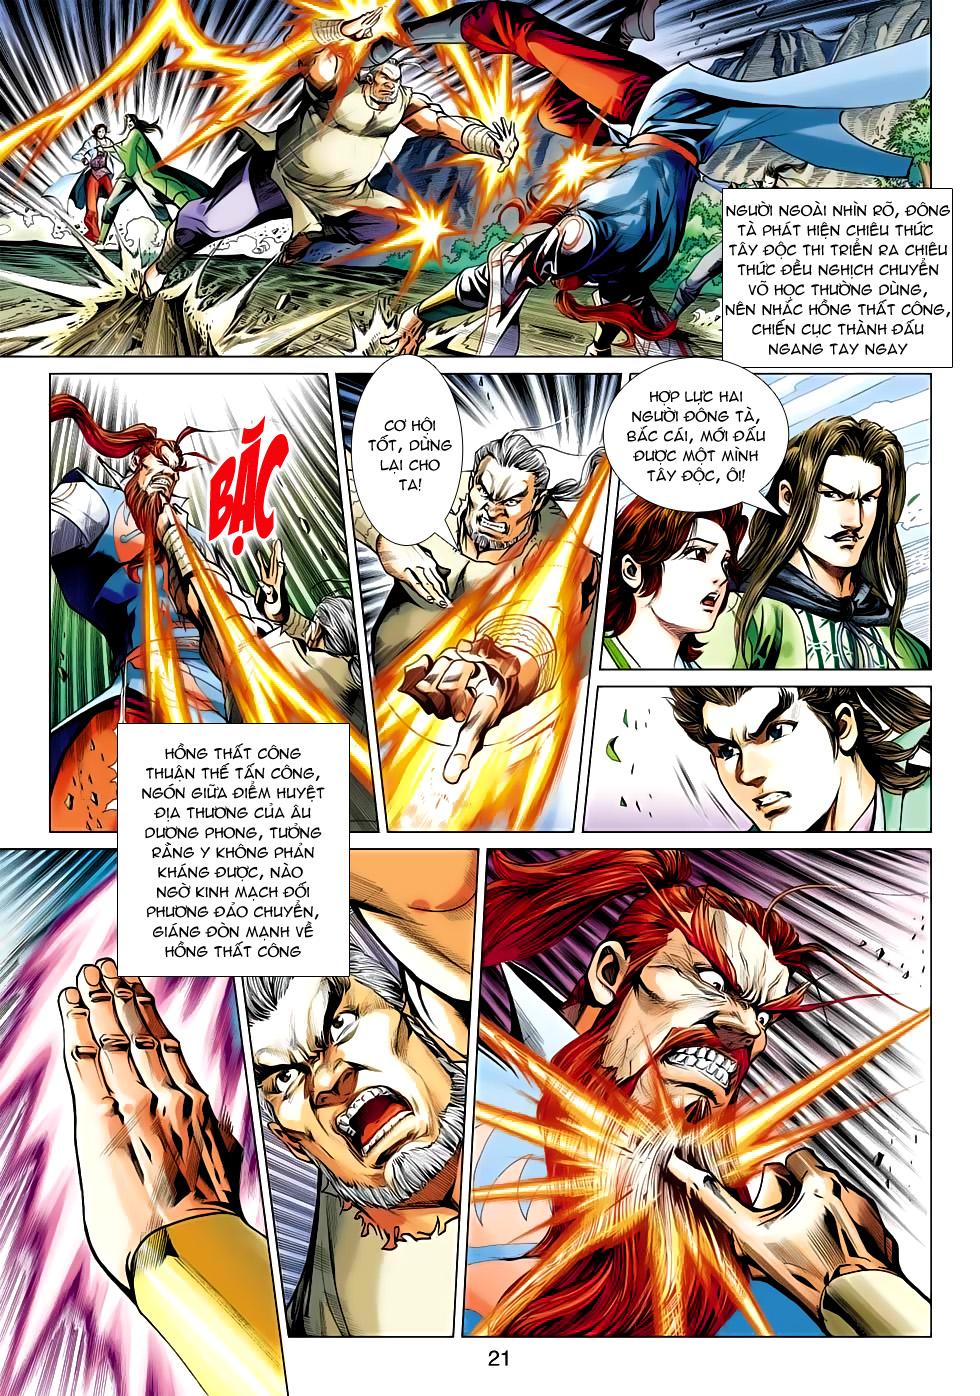 Xạ Điêu Anh Hùng Truyện chap 100 – End Trang 21 - Mangak.info